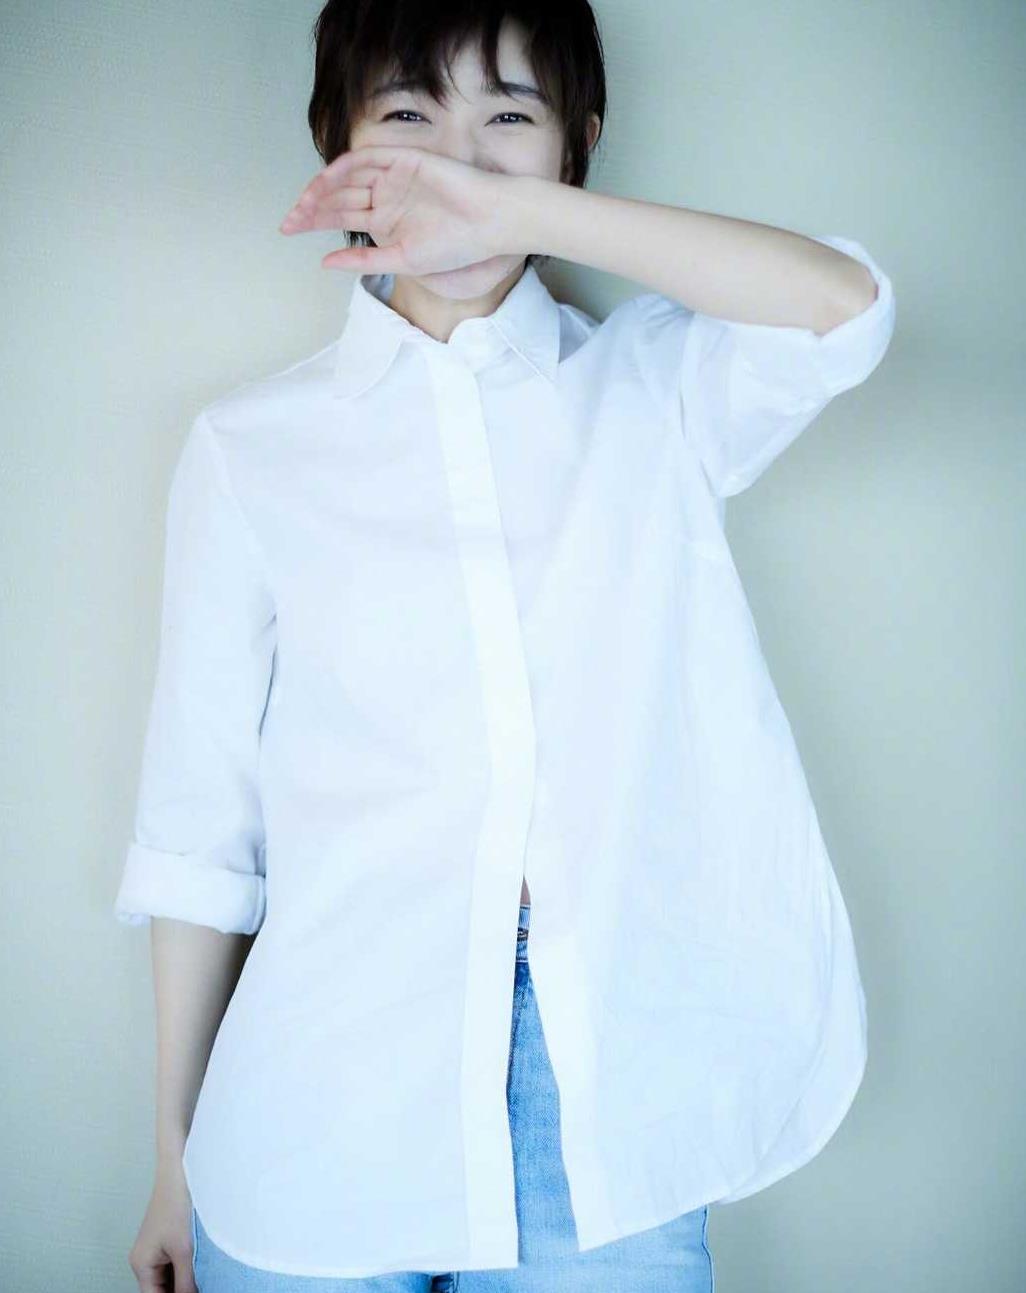 焦俊艳衣服品味在线,穿白衬衫配牛仔裤,基础款穿出高级感,洋气